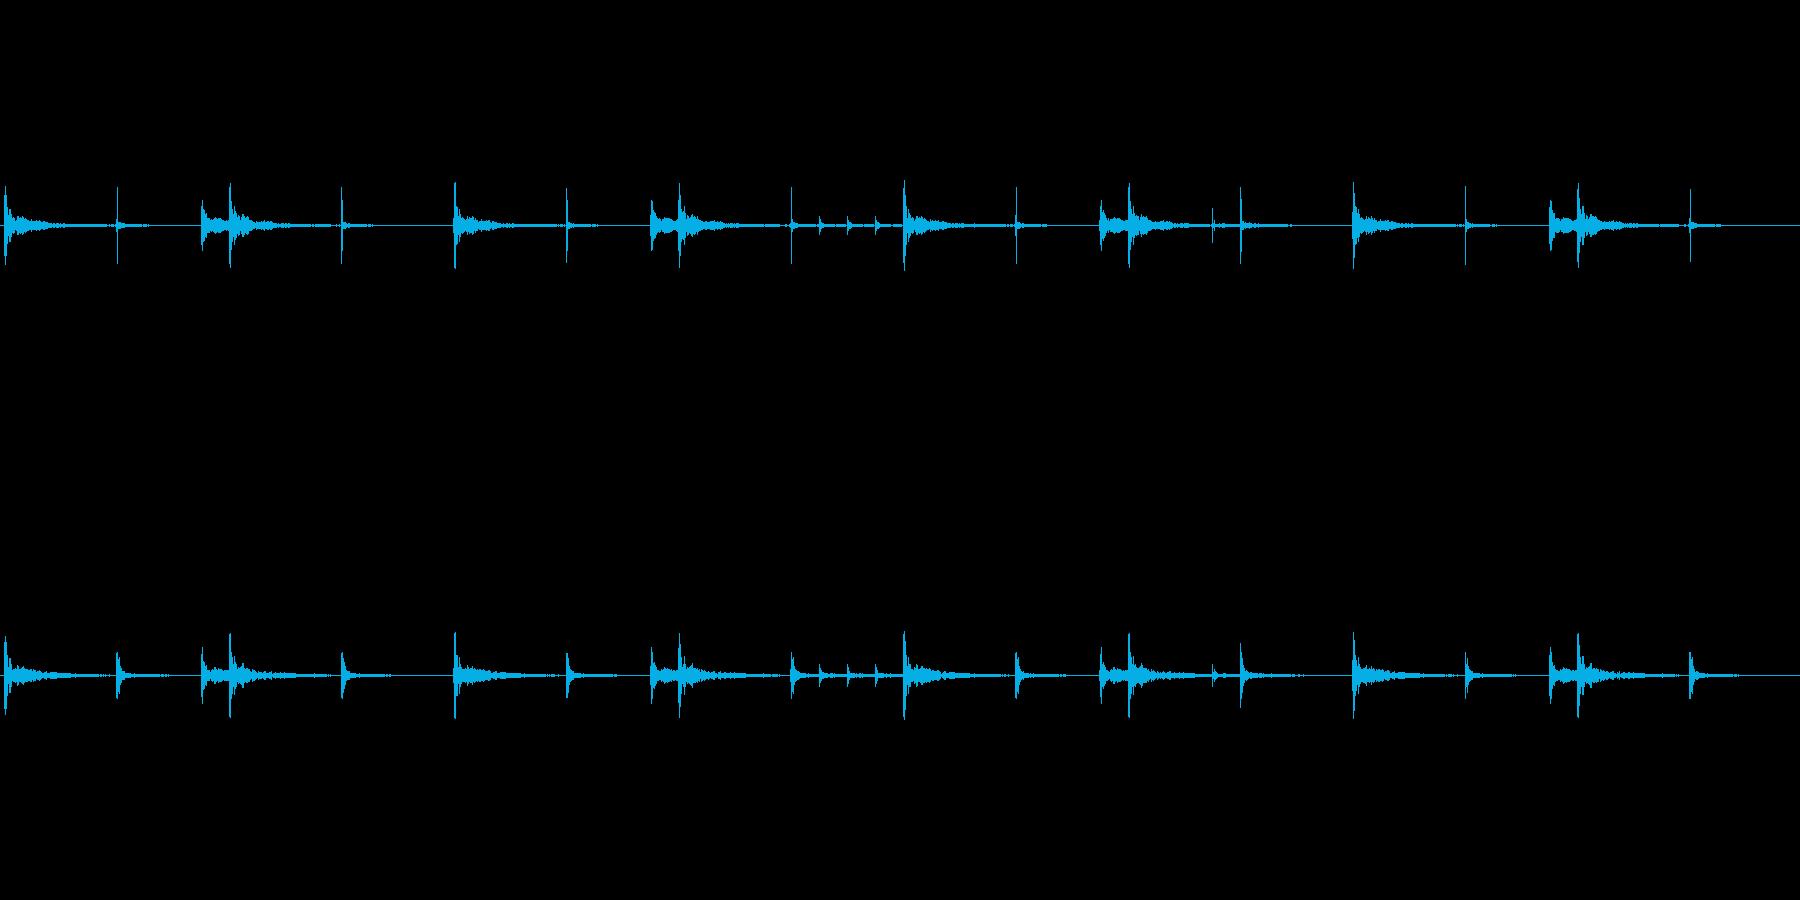 和太鼓のリバーブありループ音源です。歴…の再生済みの波形